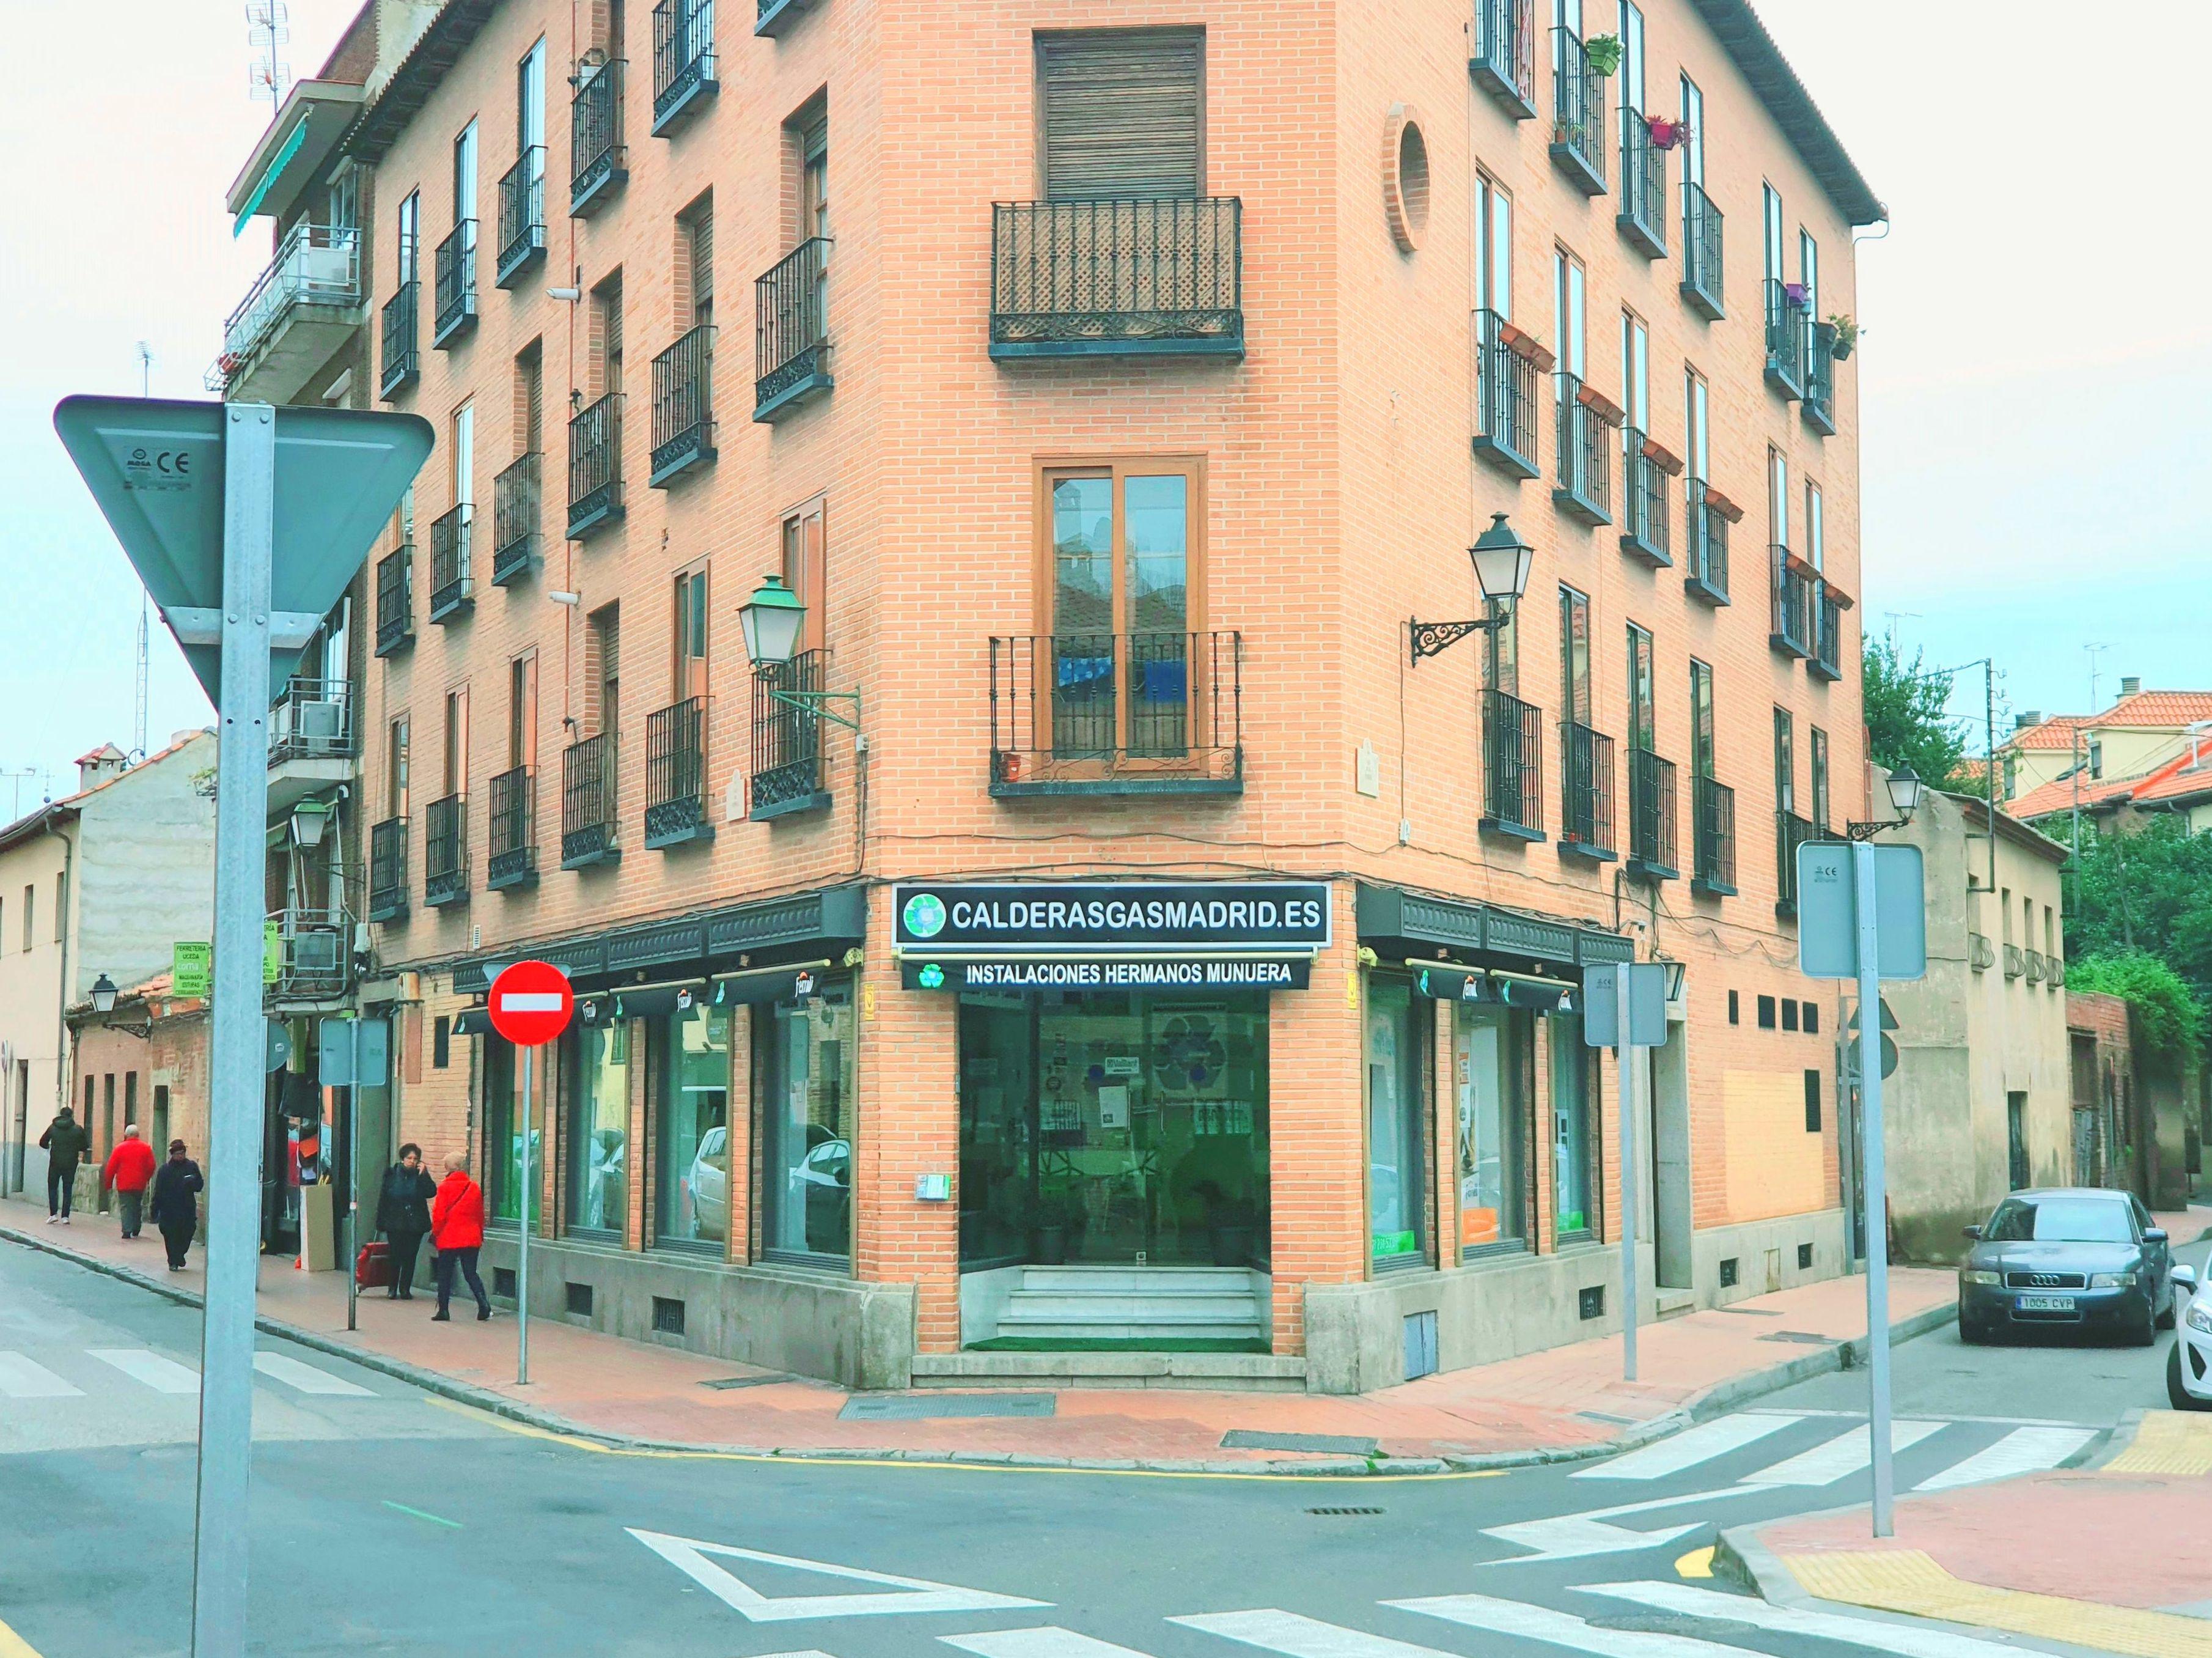 VENTA INSTALACION DE CALDERAS MADRID INSTALACIONES HERMANOS MUNUERA